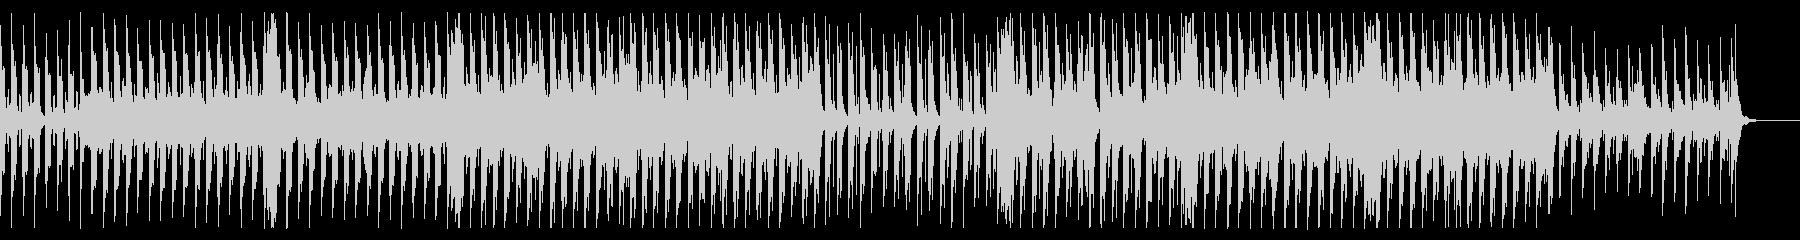 三拍子の可愛いハロウィン曲の未再生の波形